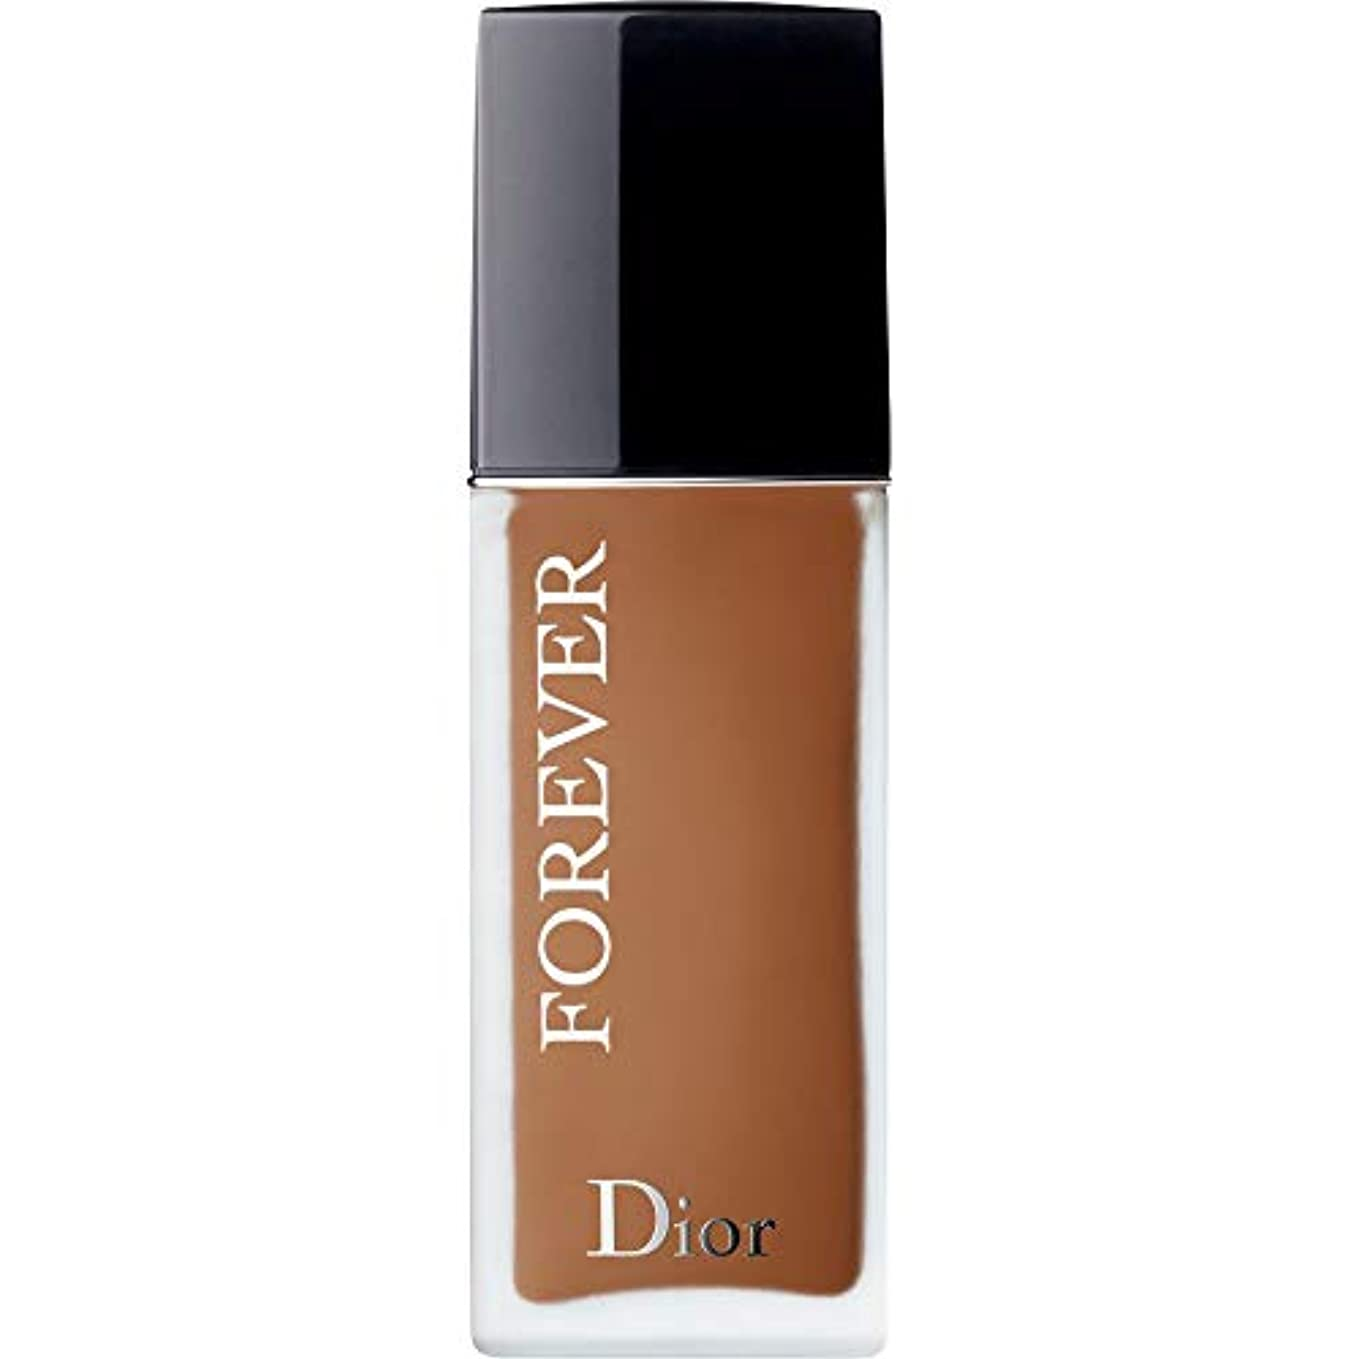 背景ブリリアントポジション[Dior ] ディオール永遠皮膚思いやりの基盤Spf35 30ミリリットルの6N - ニュートラル(つや消し) - DIOR Forever Skin-Caring Foundation SPF35 30ml 6N -...